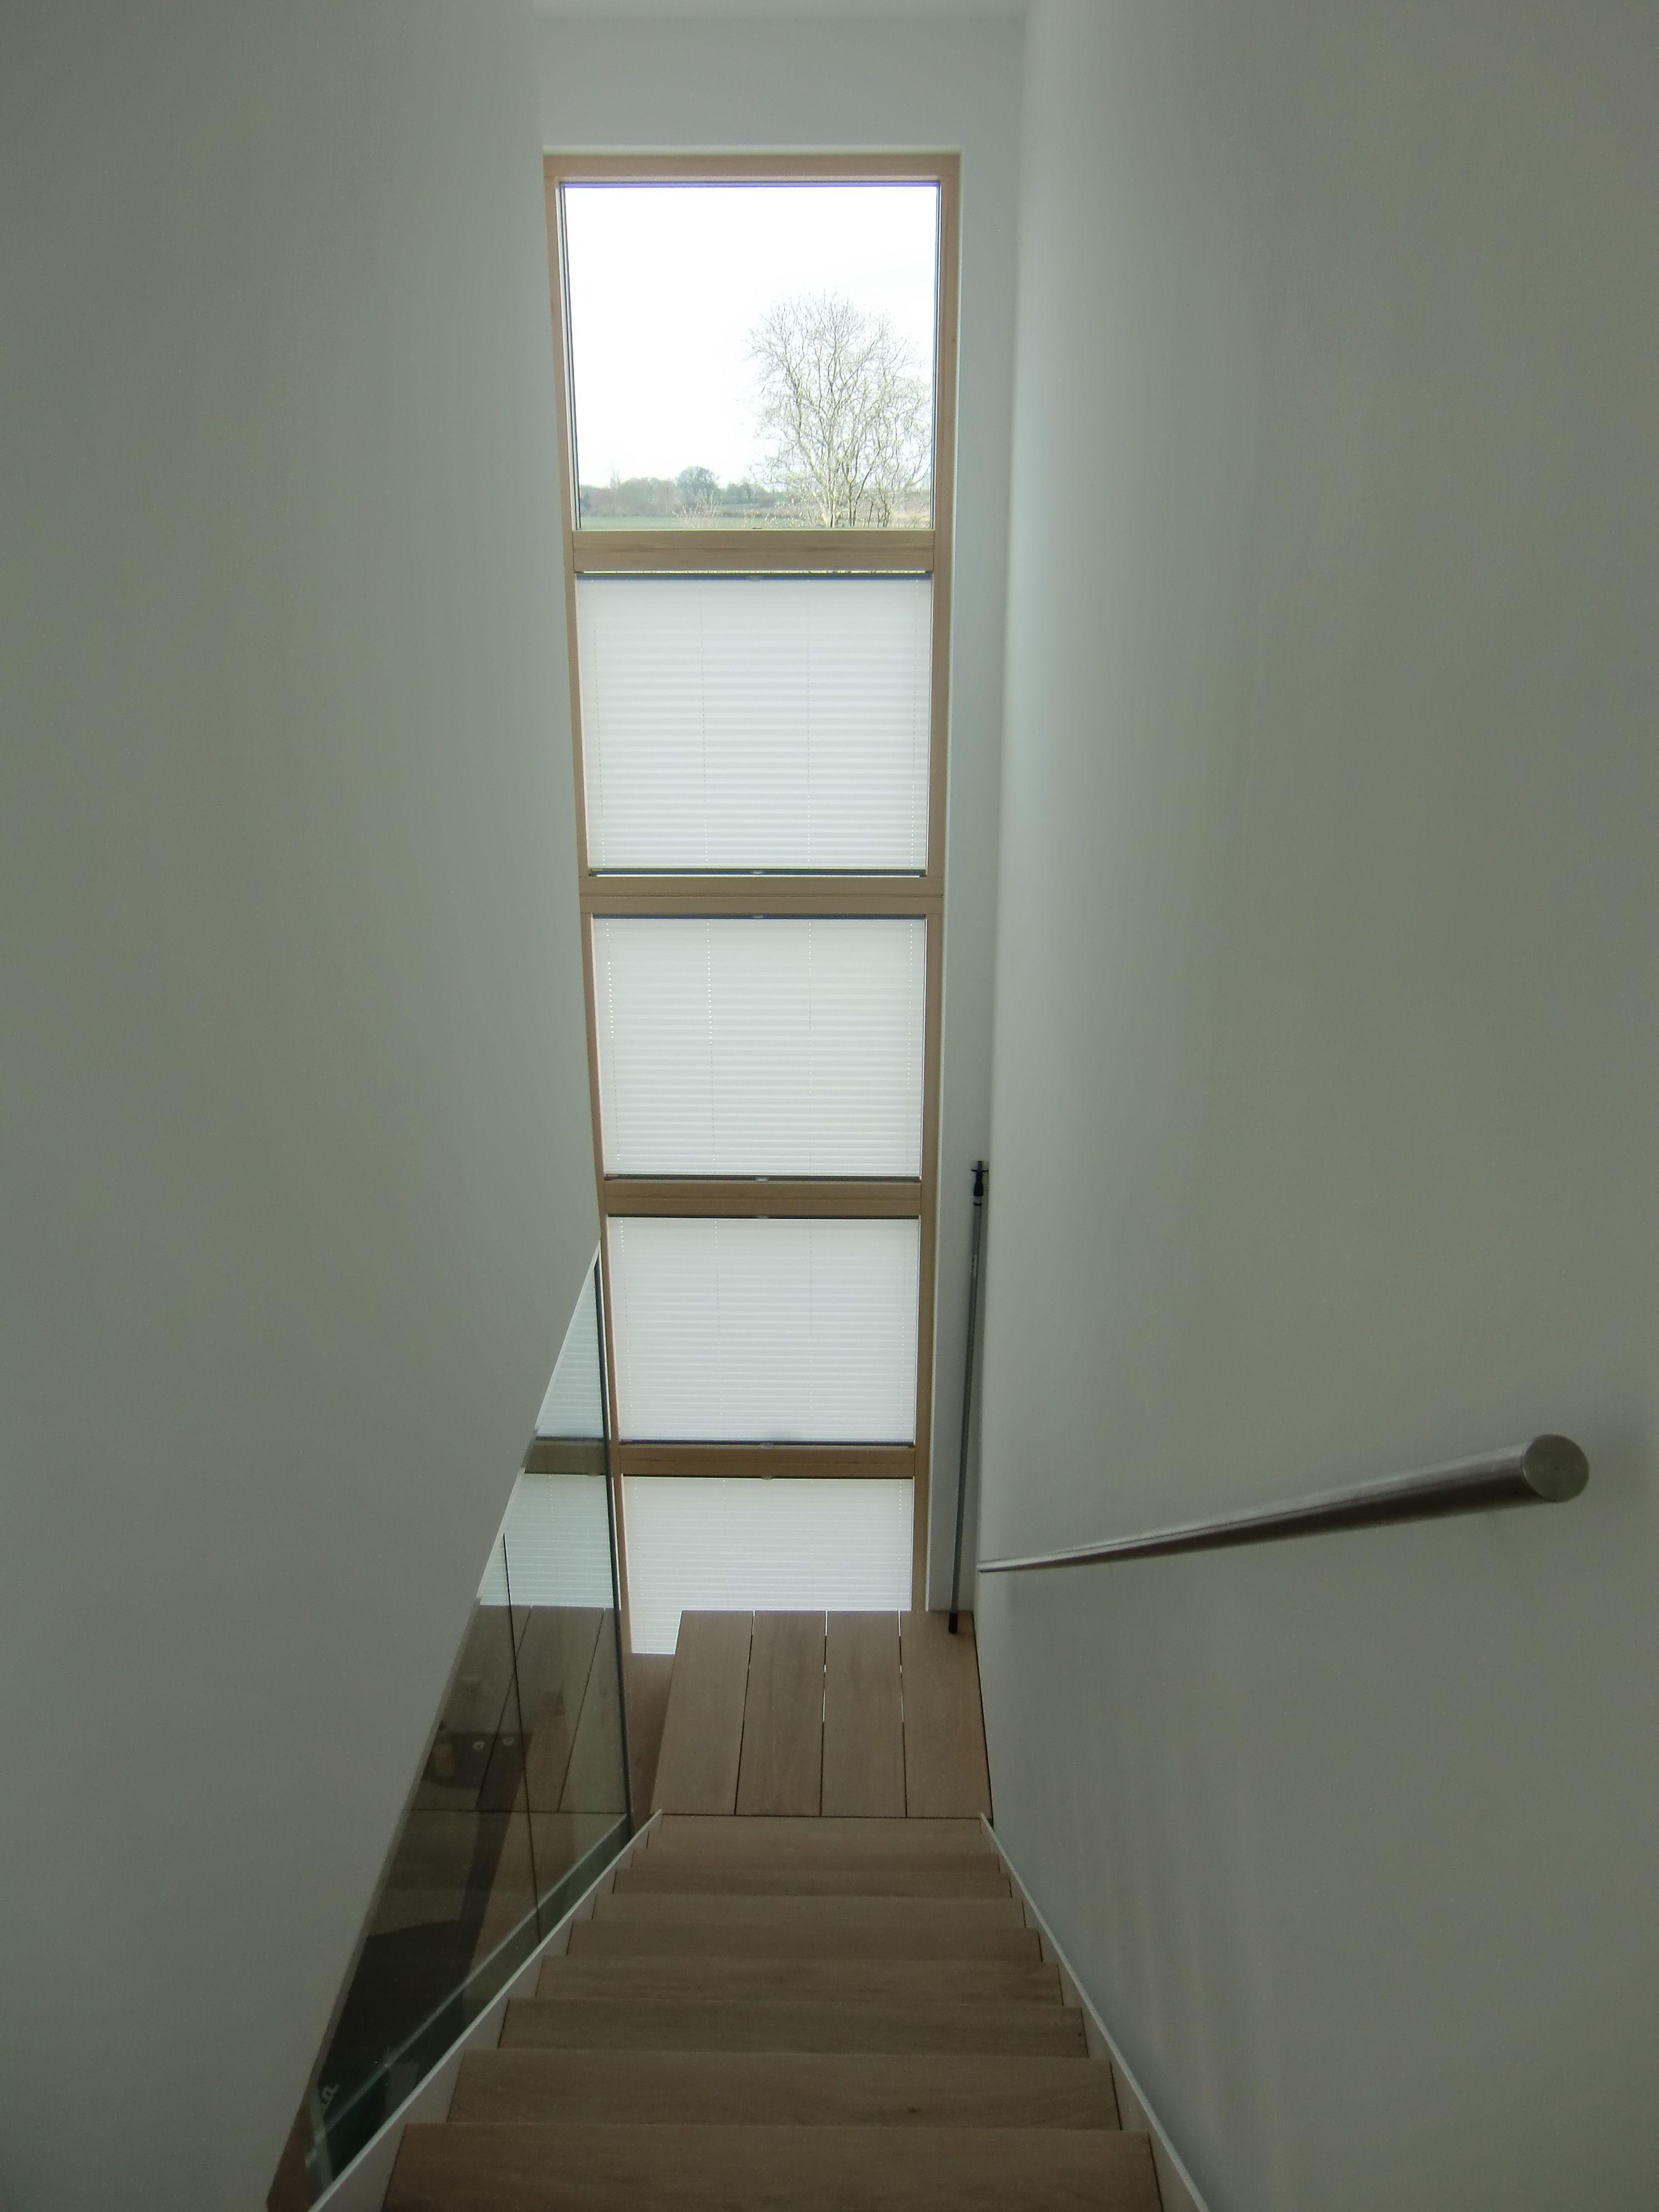 sonnenschutz montage im treppenhaus plissees von germania kg schlicht wei sichtschutz. Black Bedroom Furniture Sets. Home Design Ideas